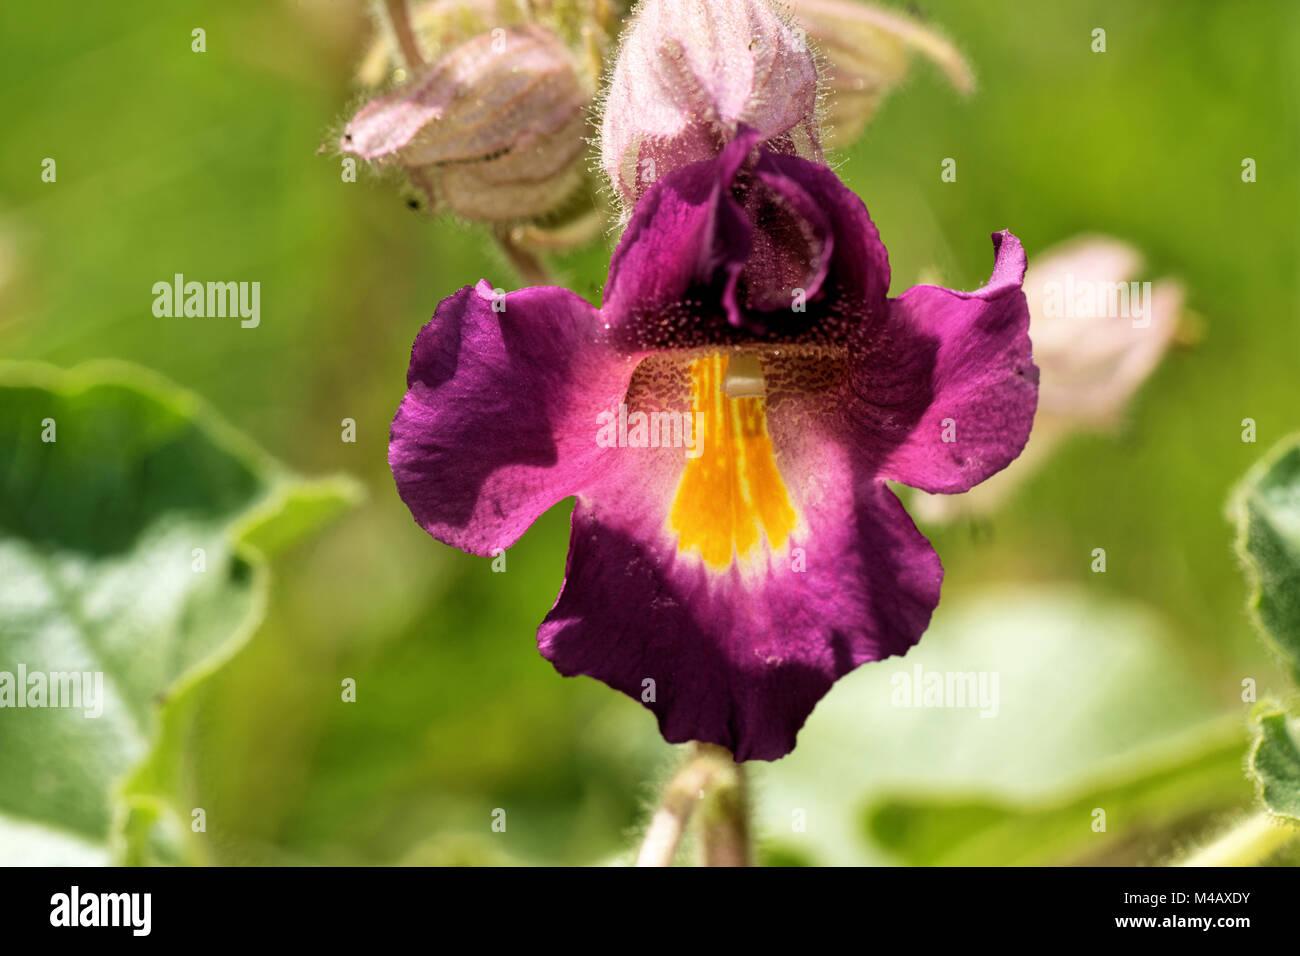 Proboscidea louisianica - Stock Image